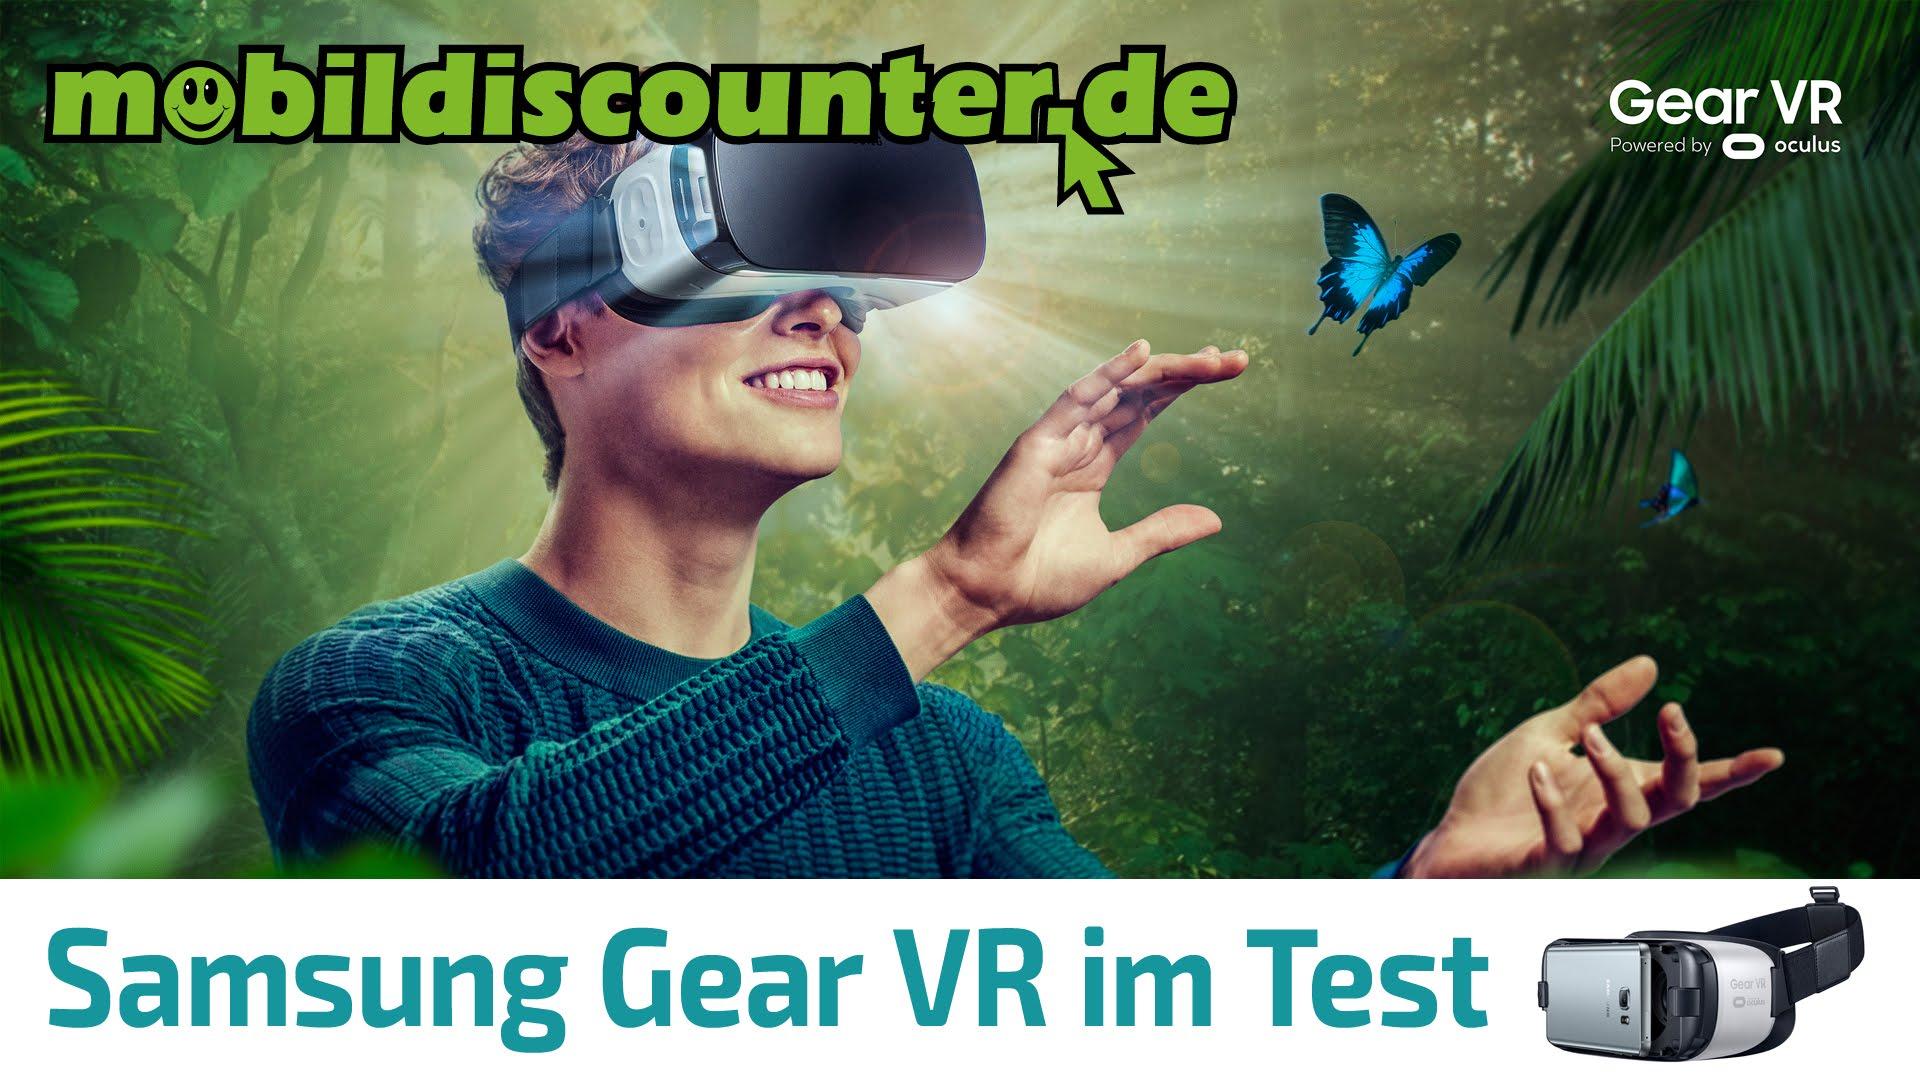 Tauche in die virtuelle Welt ein